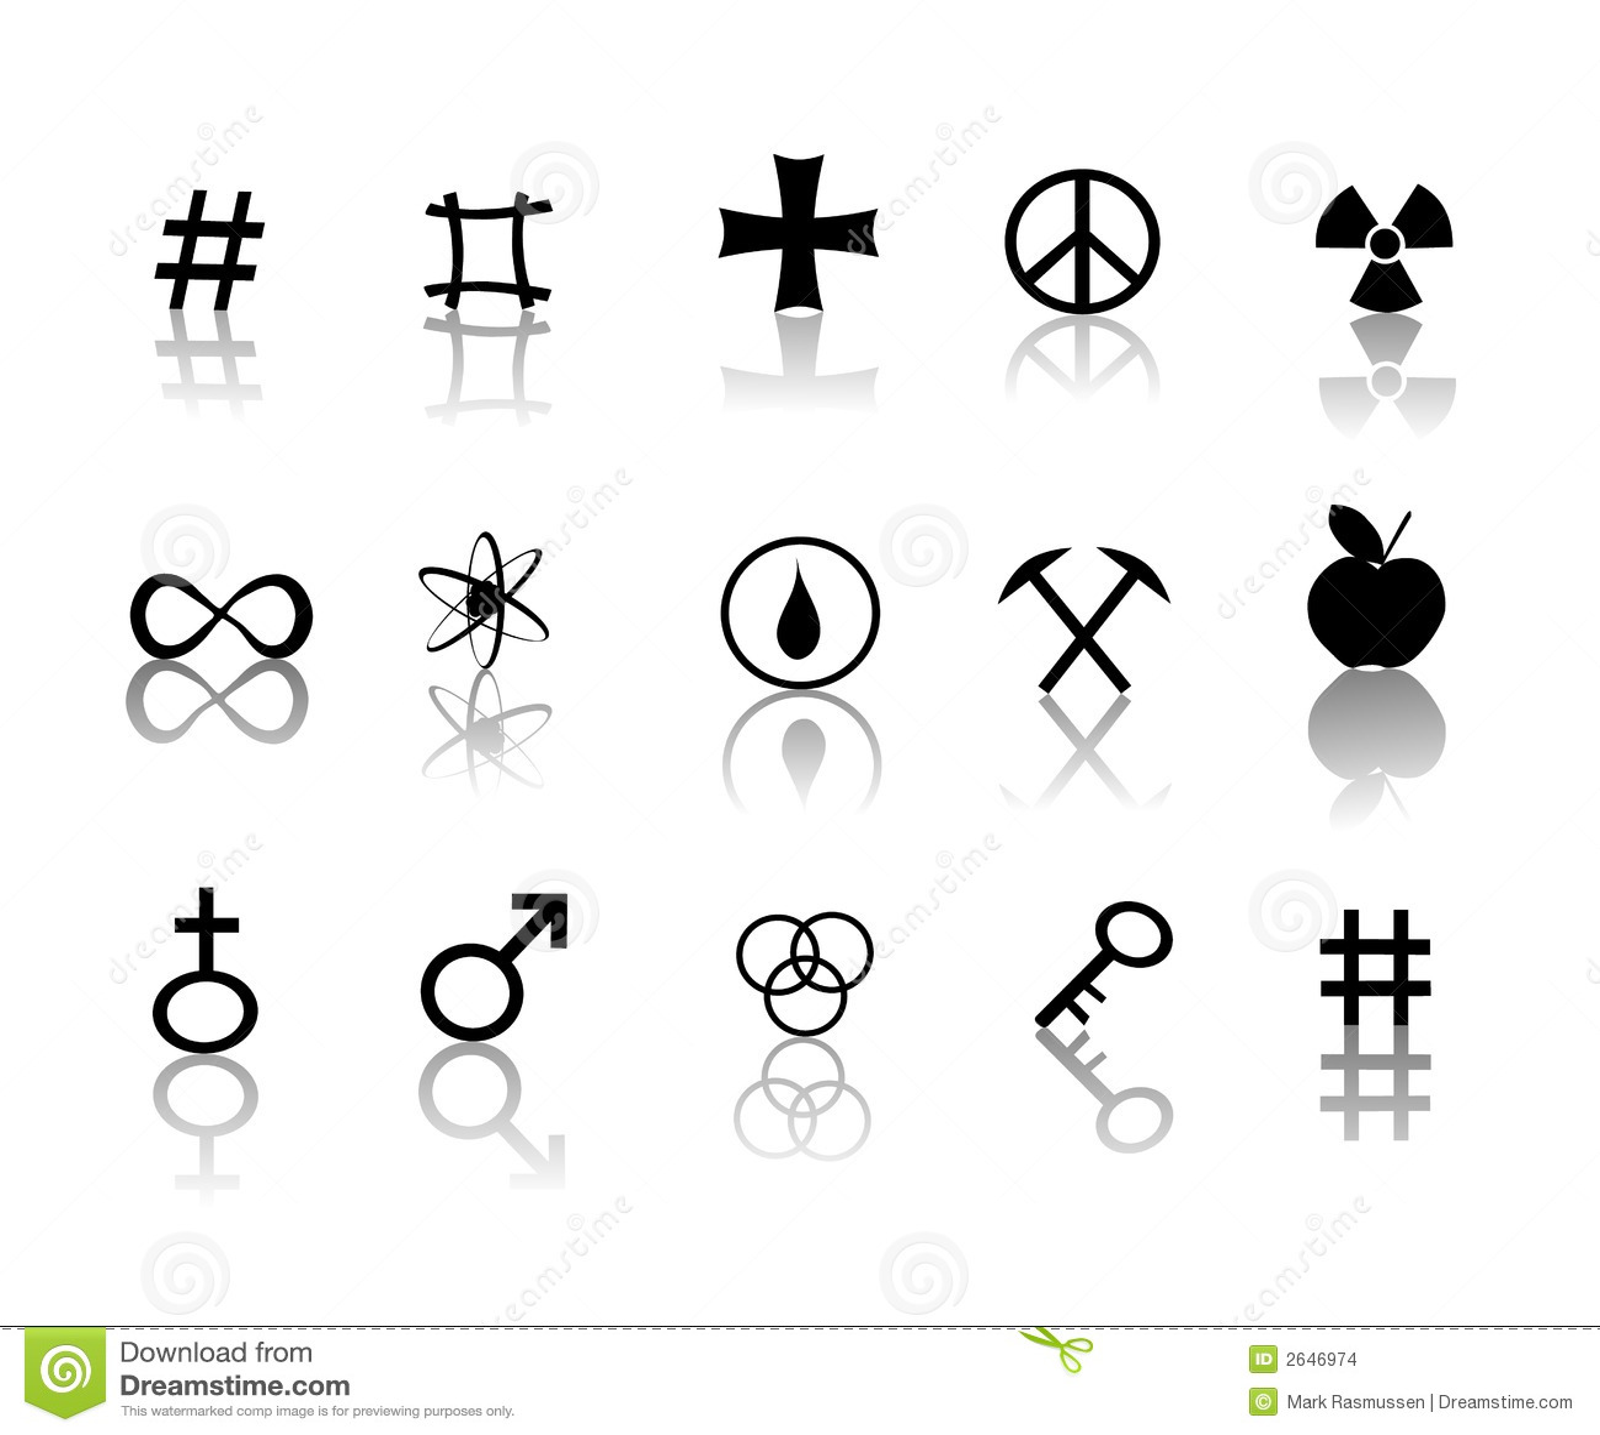 Adinkra symbols stock vector illustration of symbols 16457489 signs and symbols icons set stock images buycottarizona Choice Image